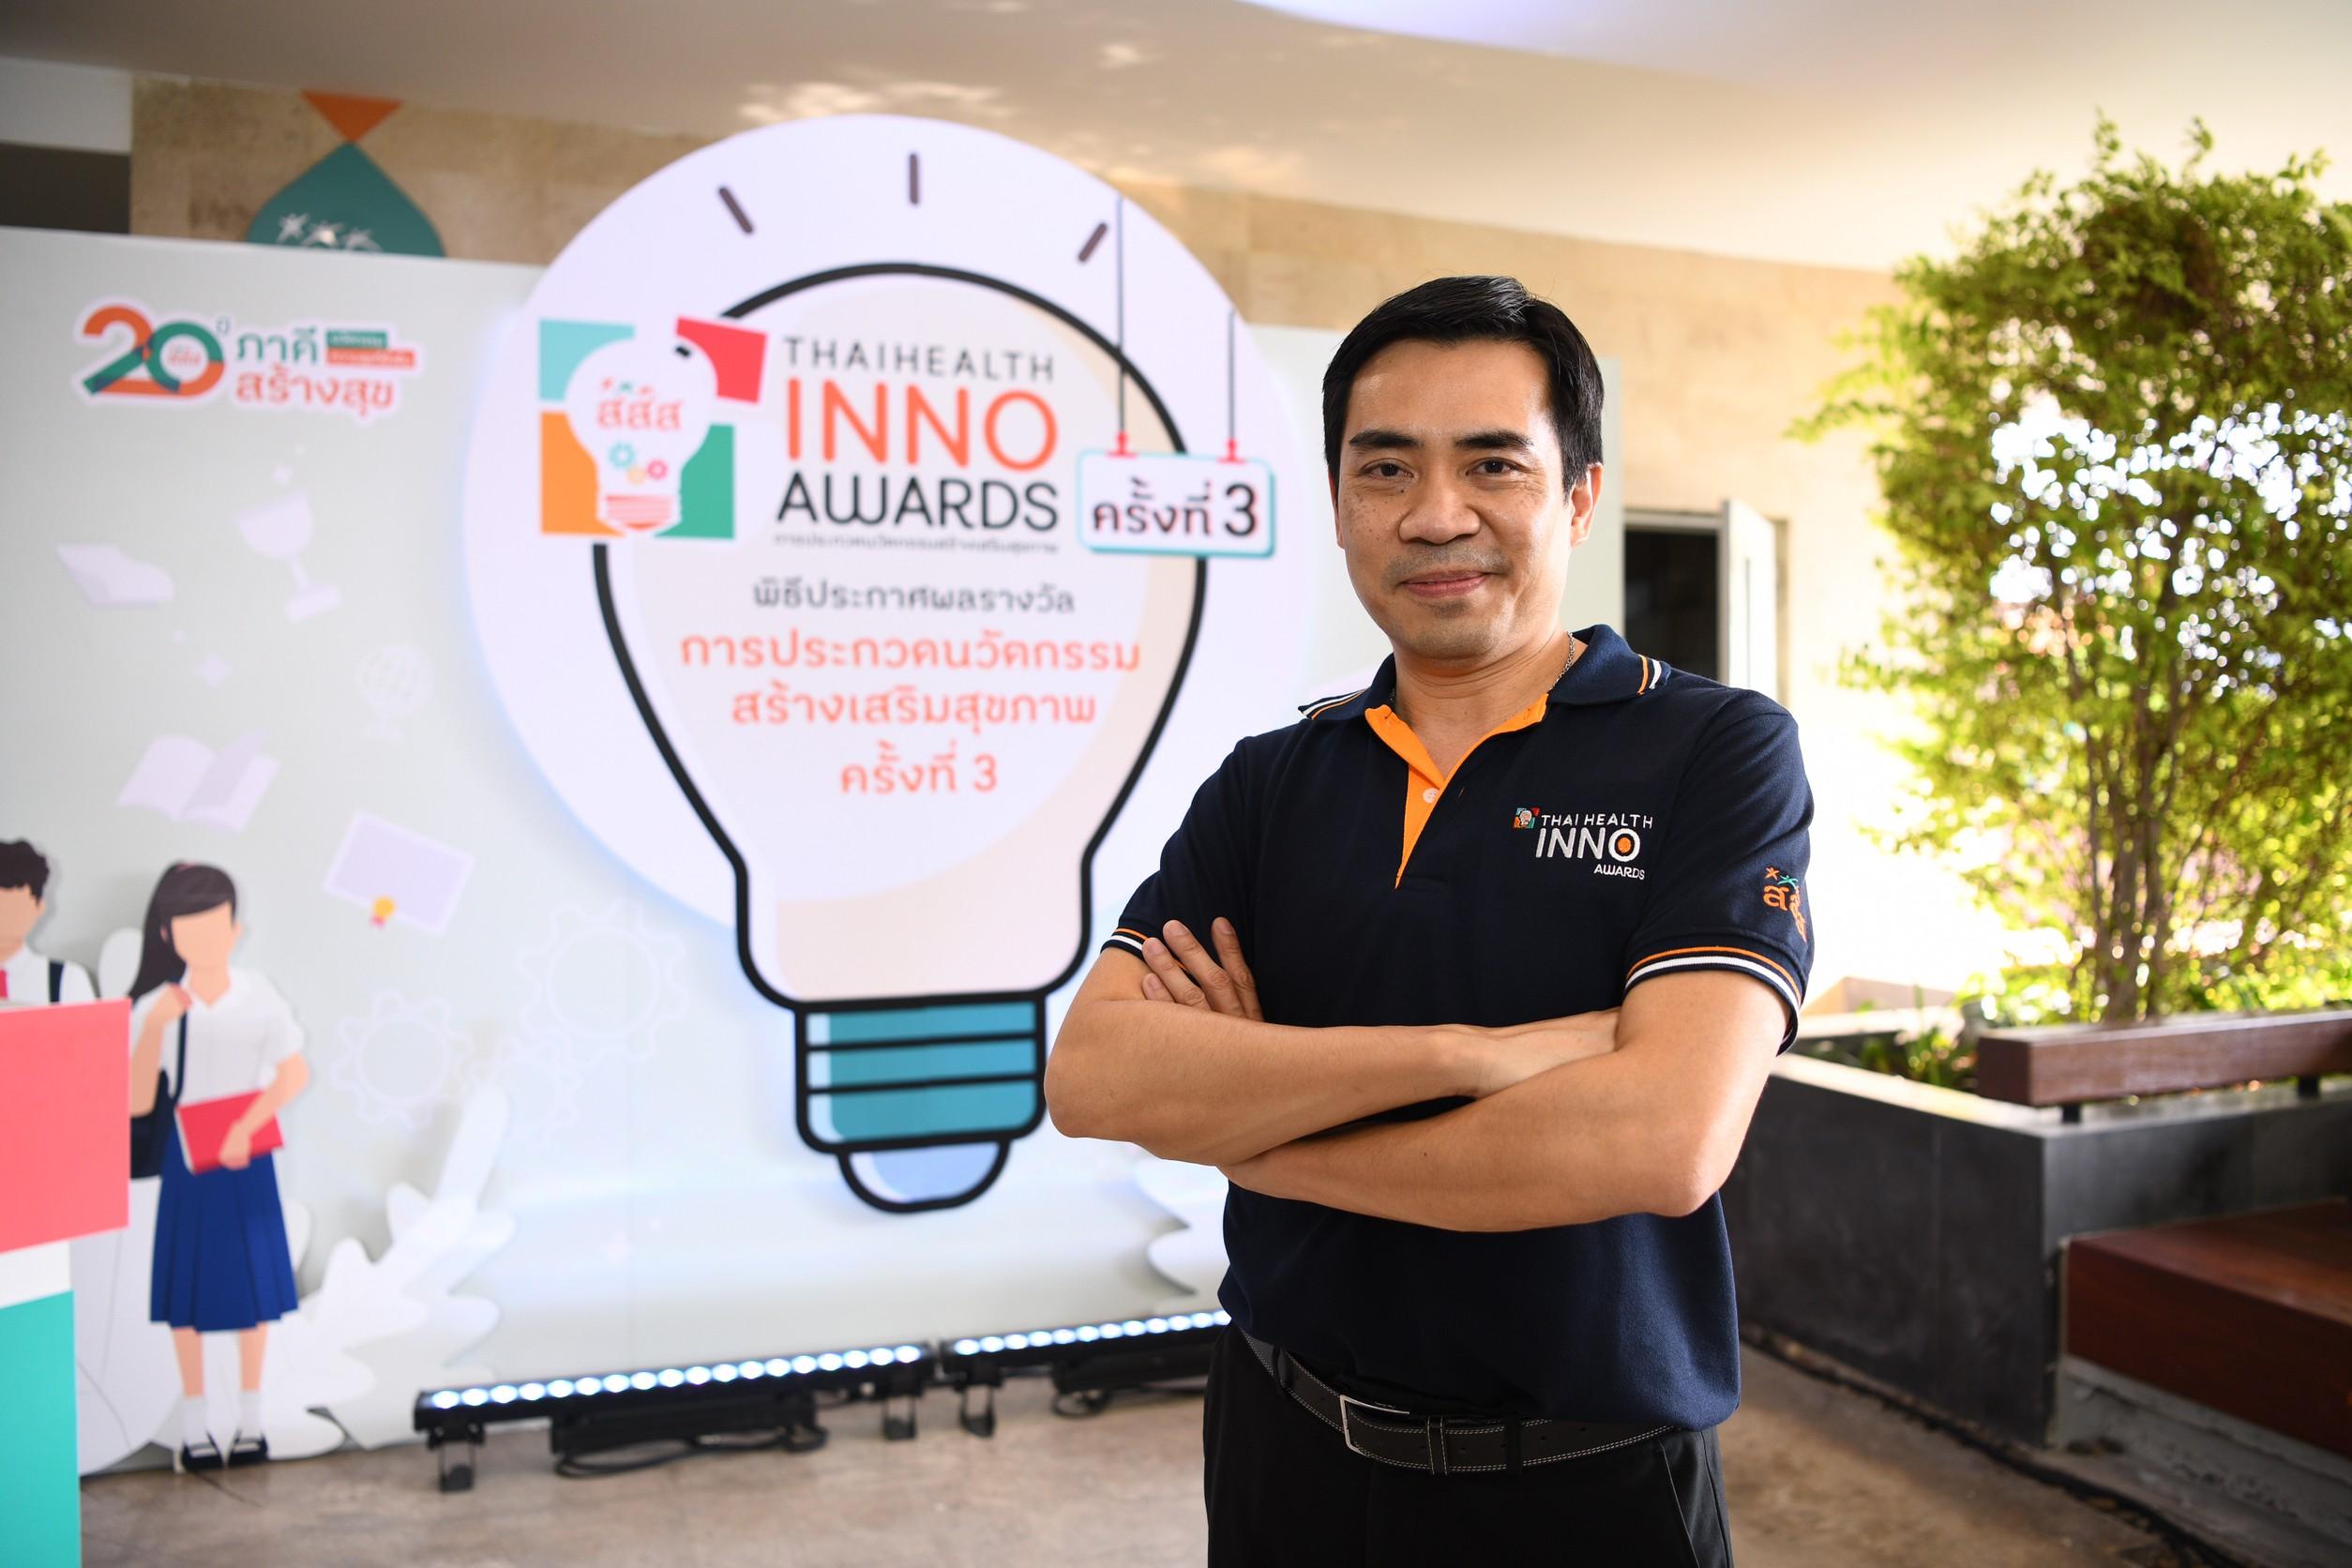 มากกว่านวัตกรรม คือการสร้างนวัตกร thaihealth